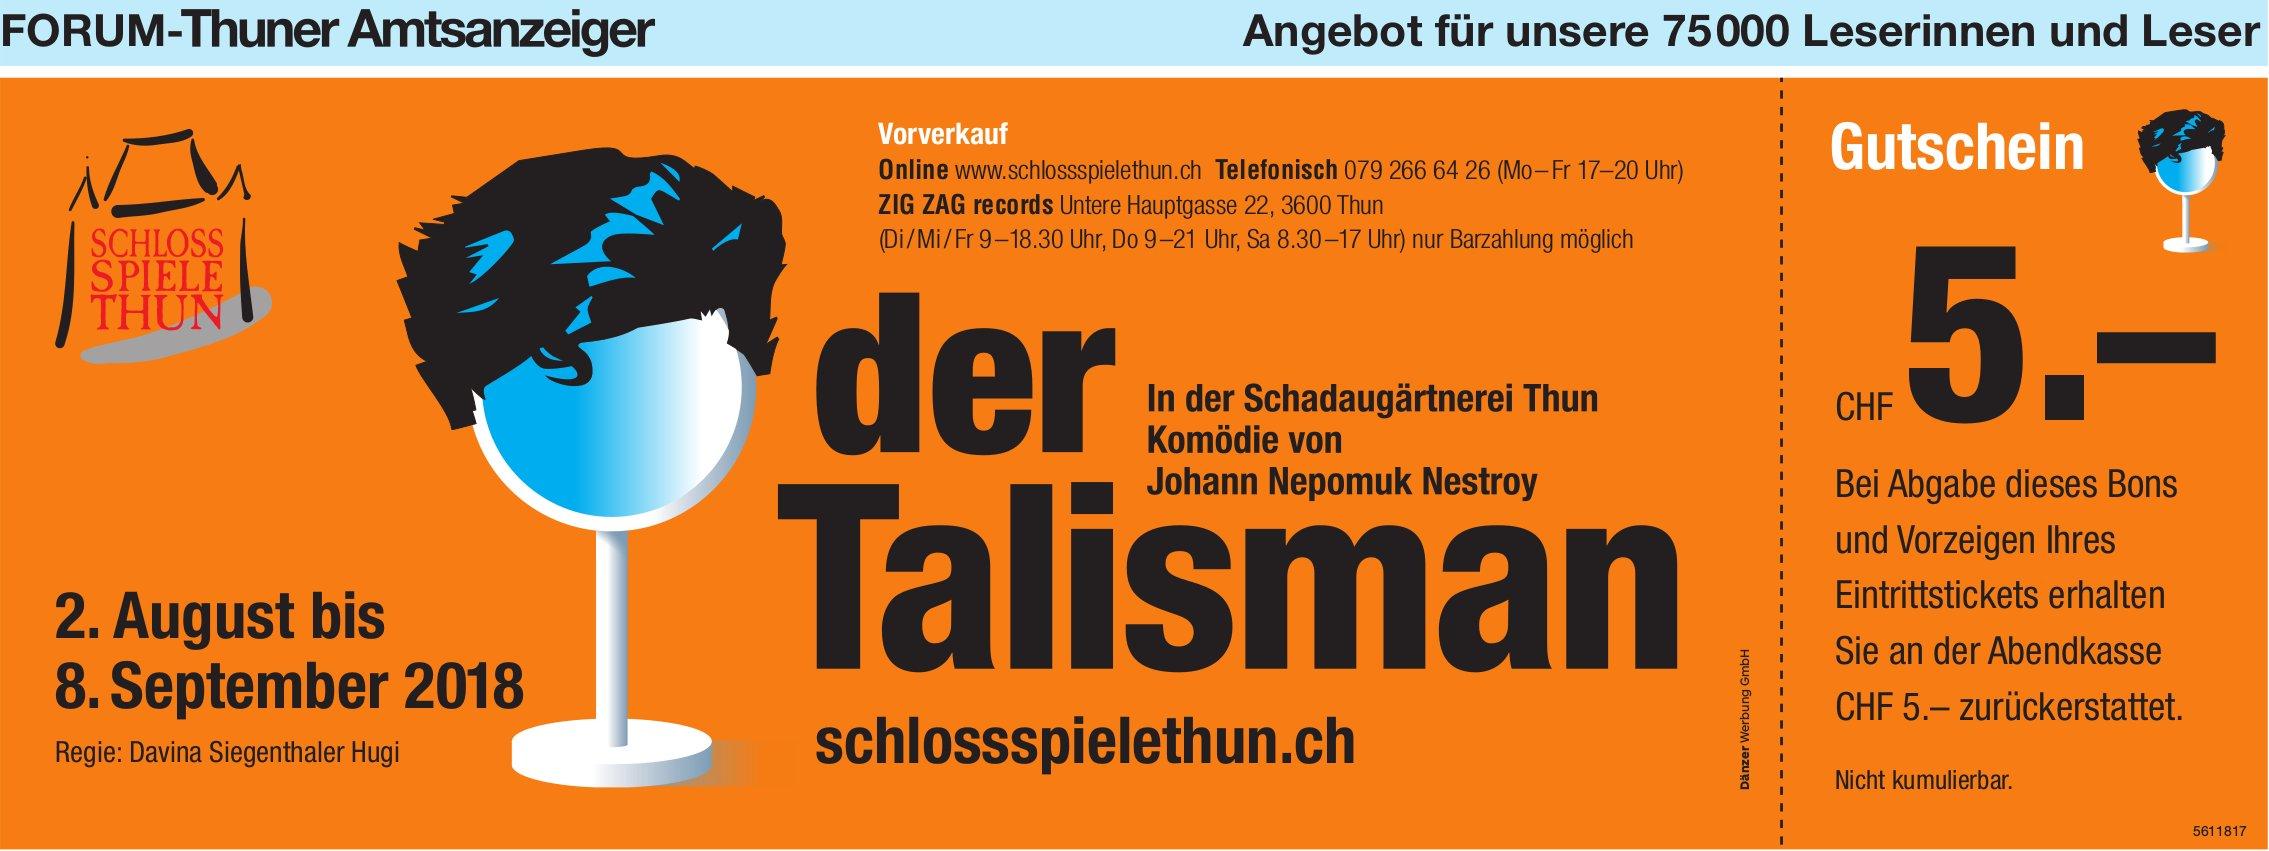 """Forum-Thuner Amtsanzeiger - Schloss Spiele Thun: """"der Talisman"""", 2. Aug.-8. Sept."""